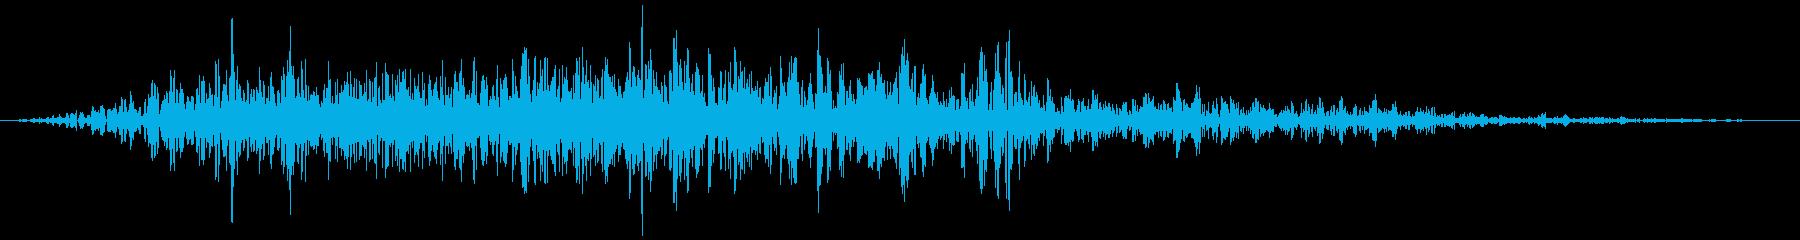 ドラゴン・クラックの再生済みの波形